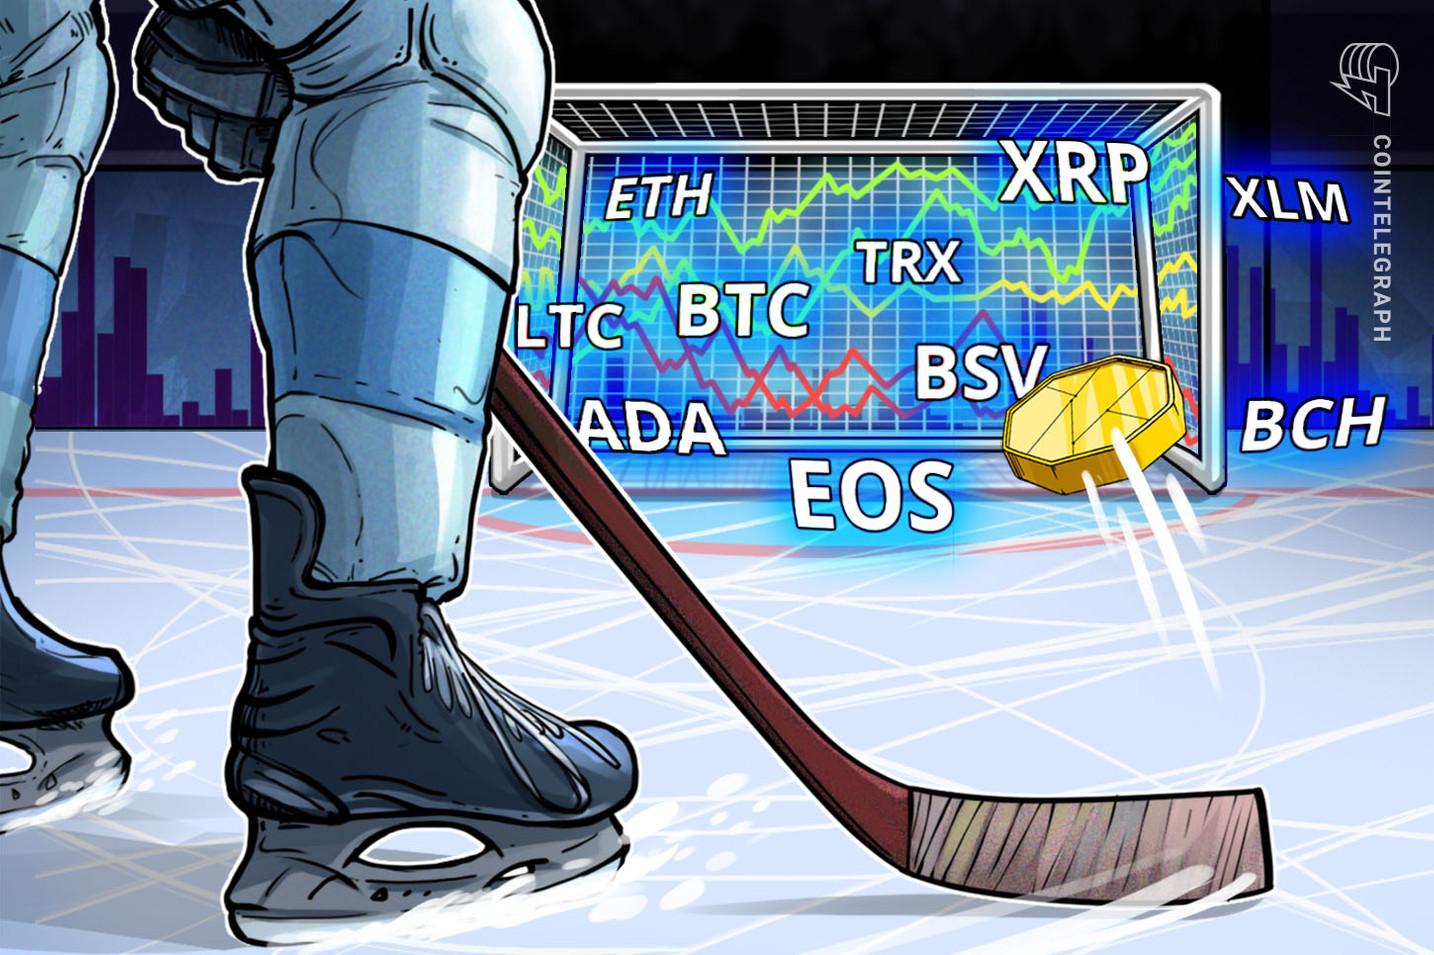 Kursanalyse, 14. Januar: Bitcoin, Ripple, Ethereum, Bitcoin Cash, EOS, Stellar, Litecoin, Tron, Bitcoin SV, Cardano